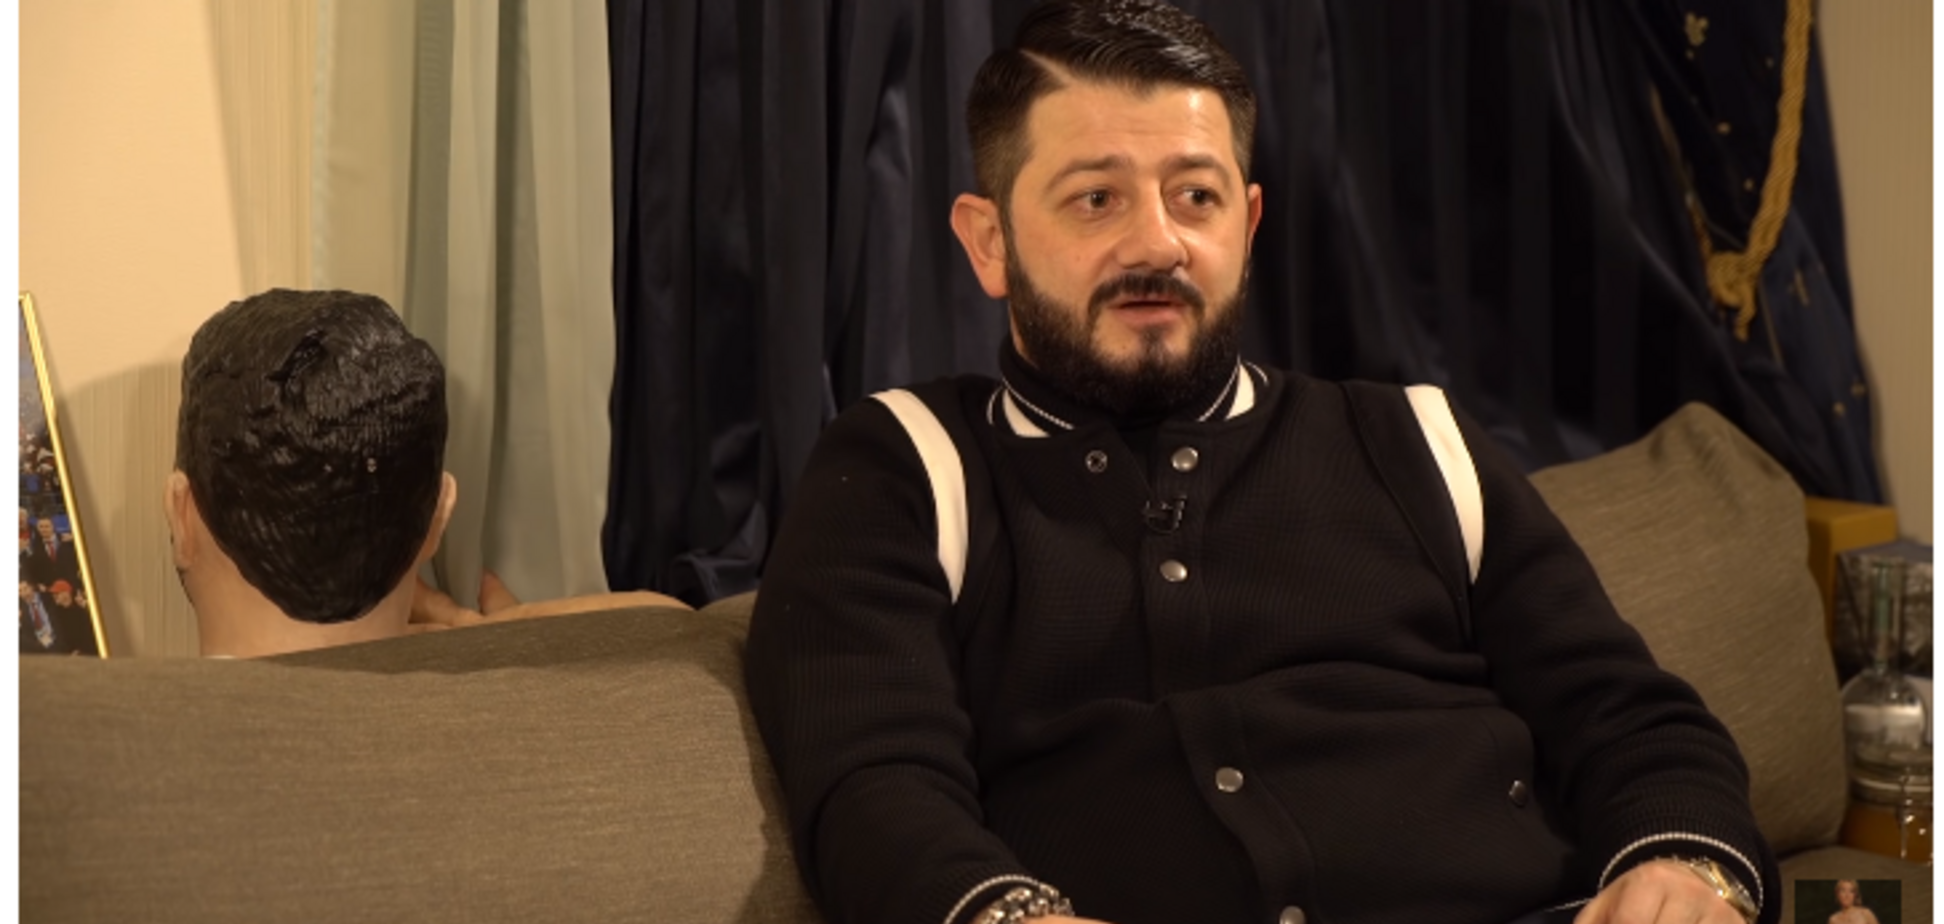 'Я люблю пострелять': Галустян рассказал об арсенале оружия у себя дома